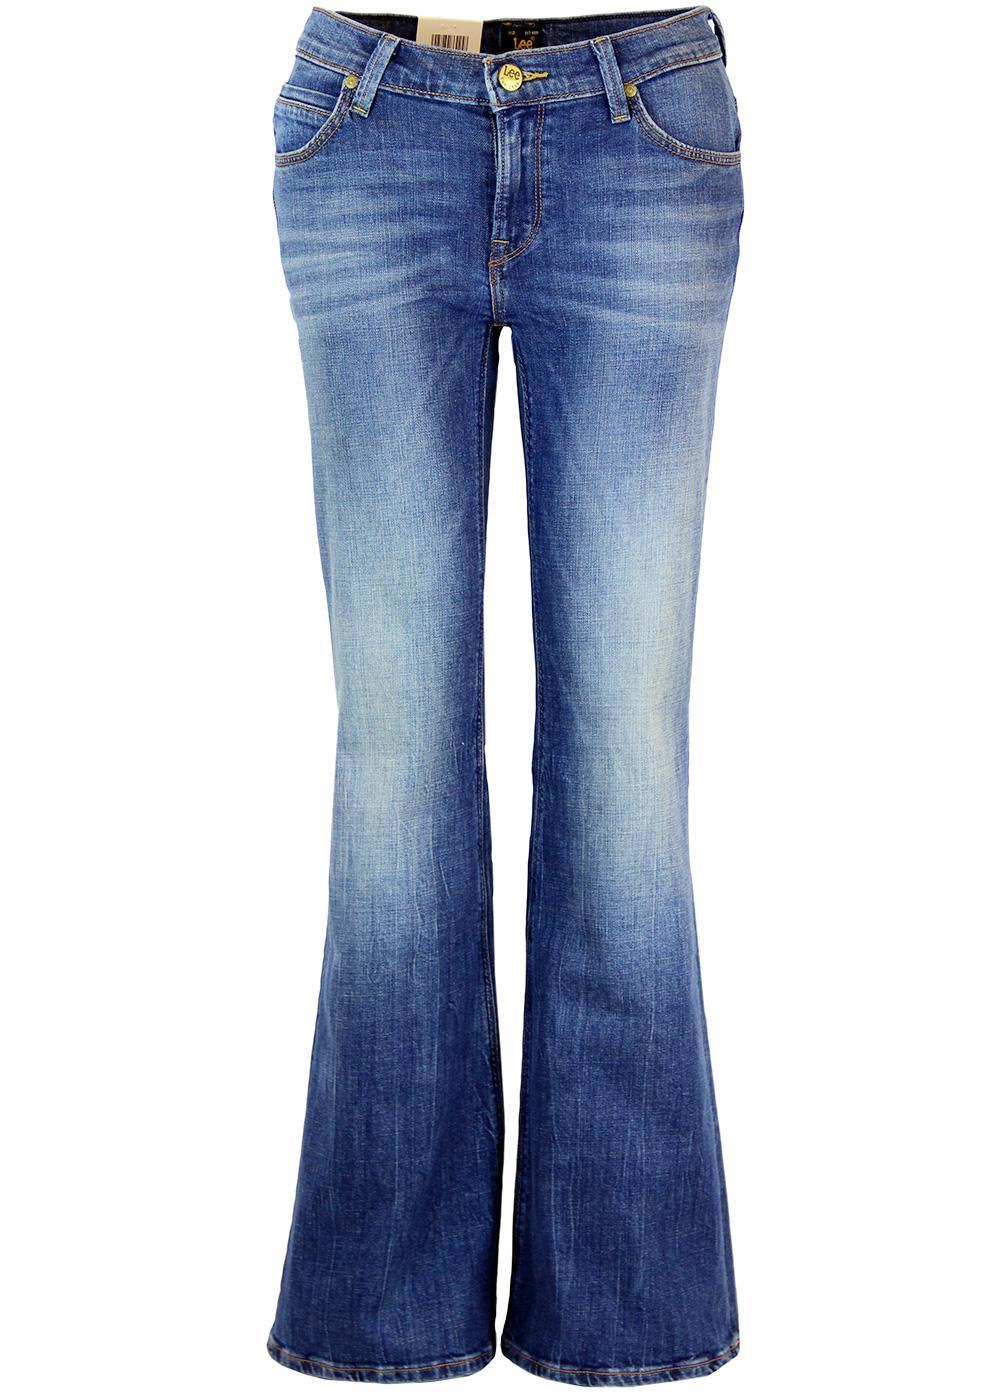 Annetta LEE Retro 70s Wide Flare Denim Jeans